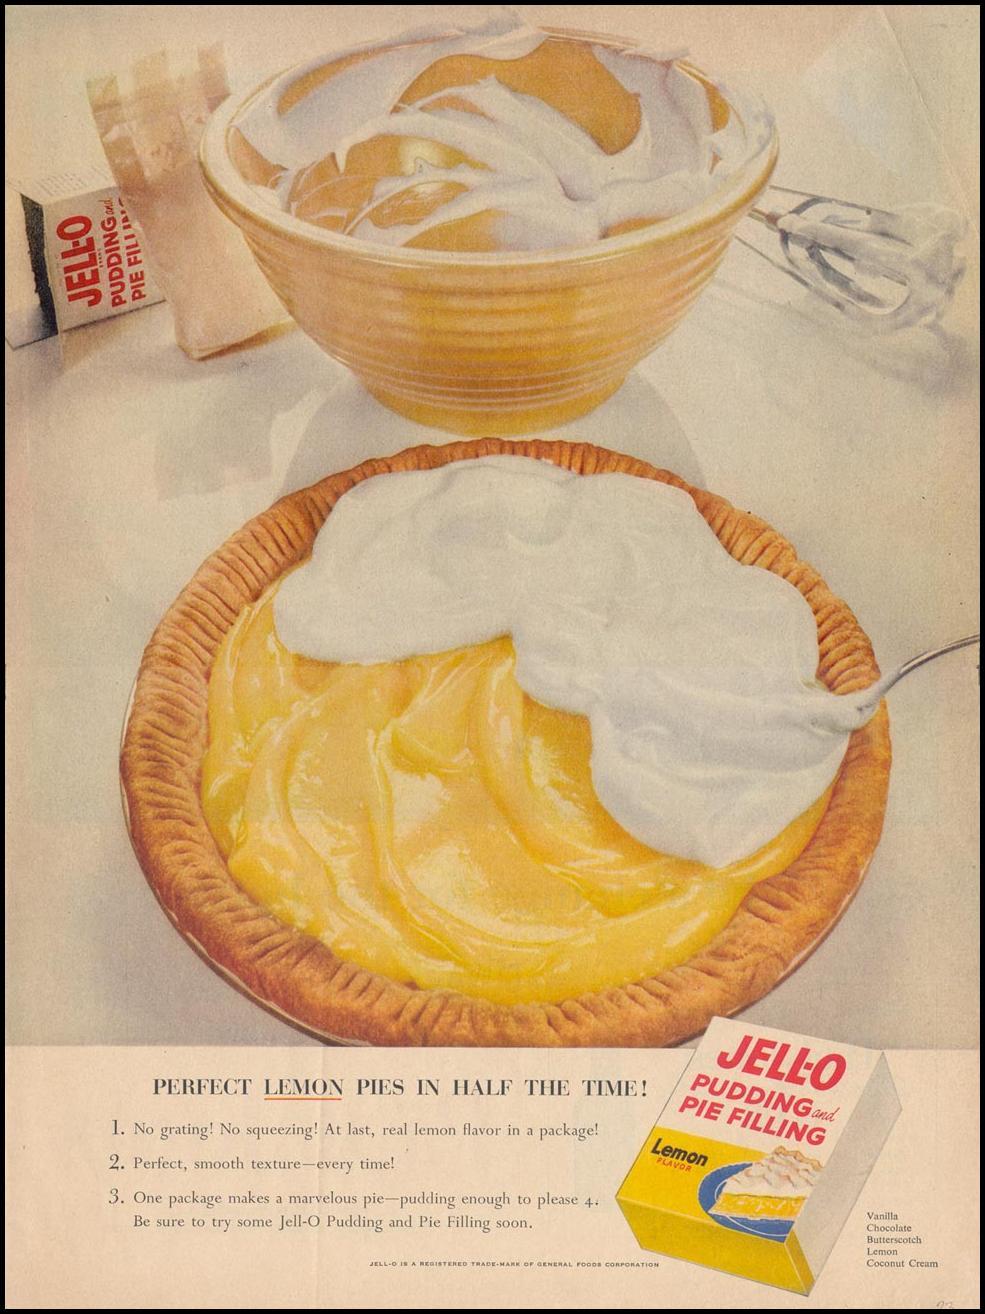 JELL-O PUDDING LIFE 07/12/1954 p. 23